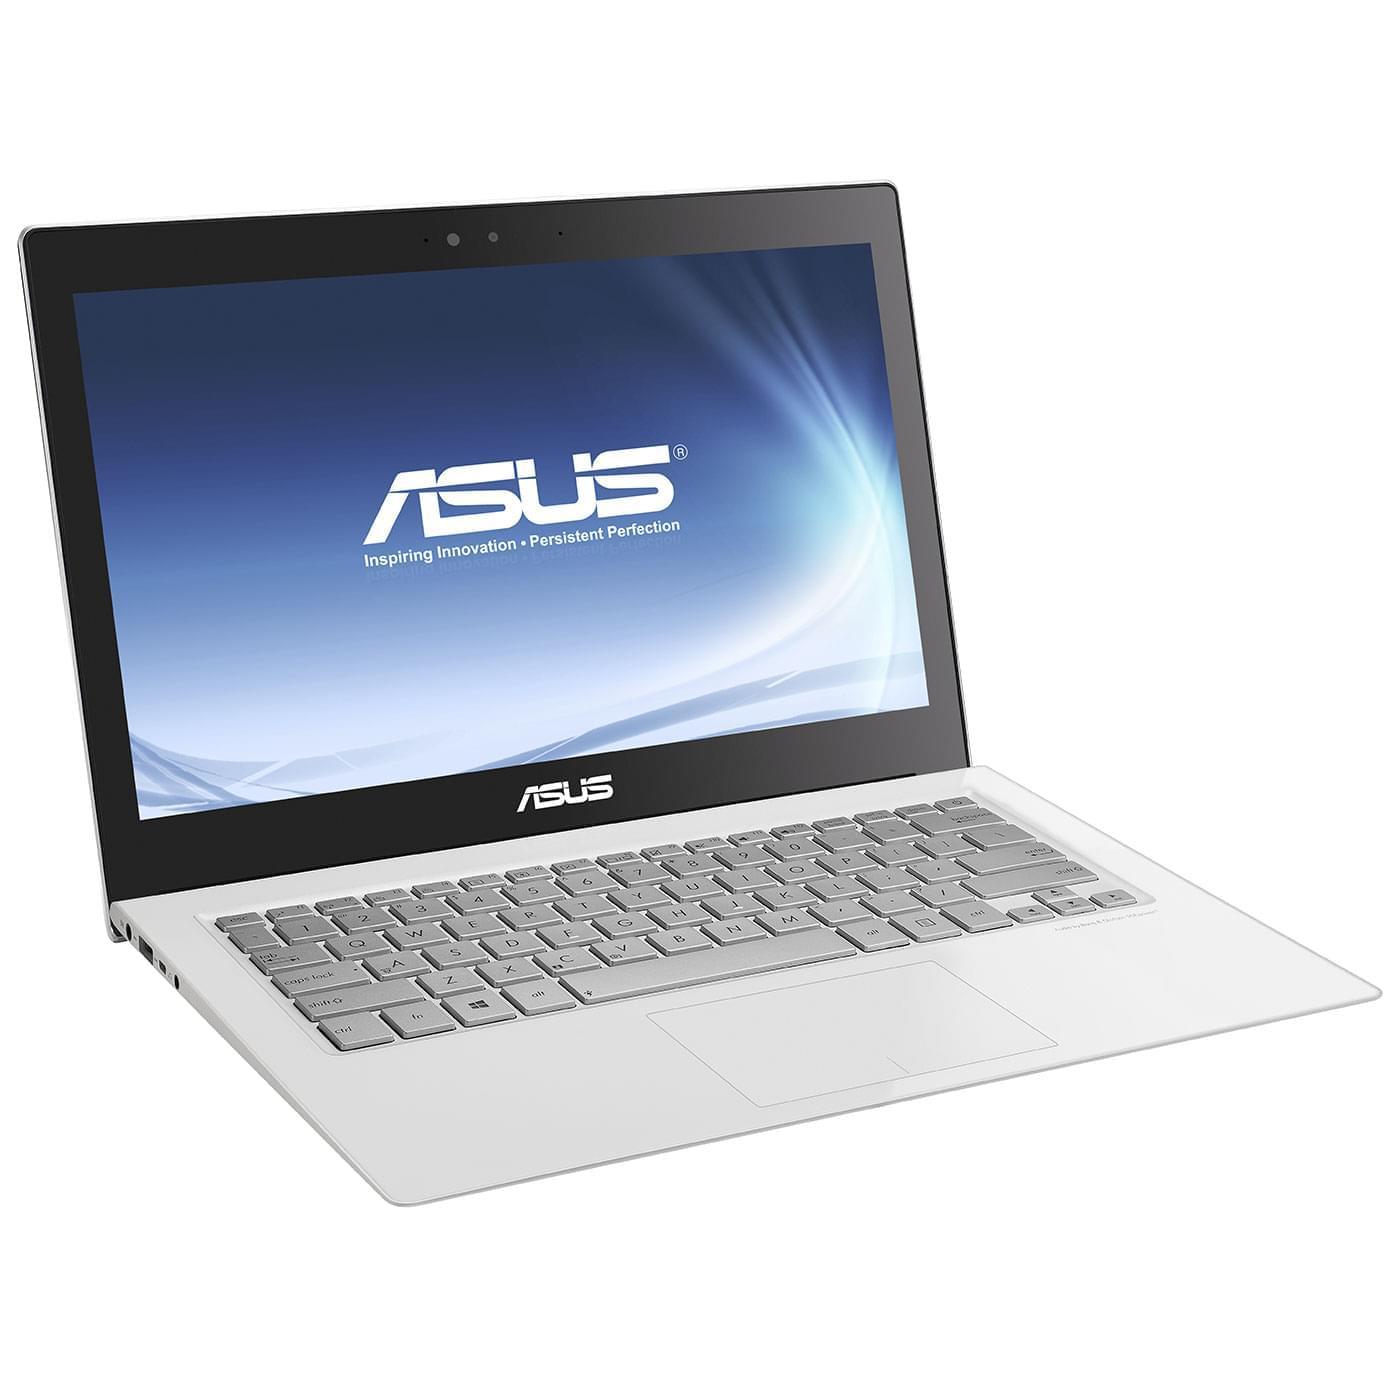 Asus UX301LA-C4004P - PC portable Asus - Cybertek.fr - 0